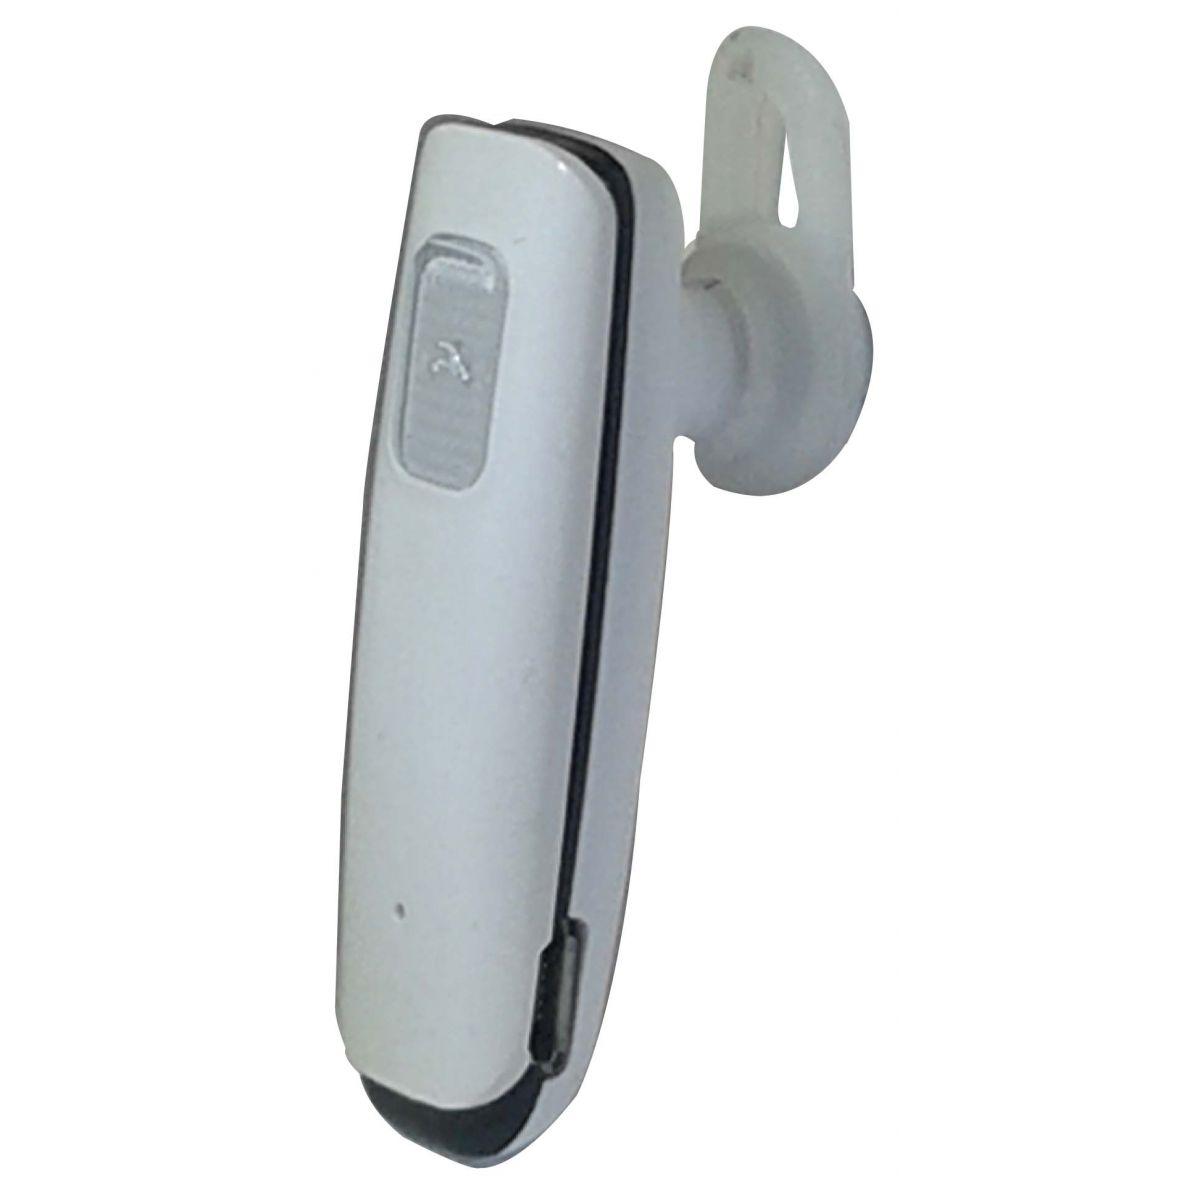 Fone de Ouvido Stéreo Via Bluetooth - Frete Grátis